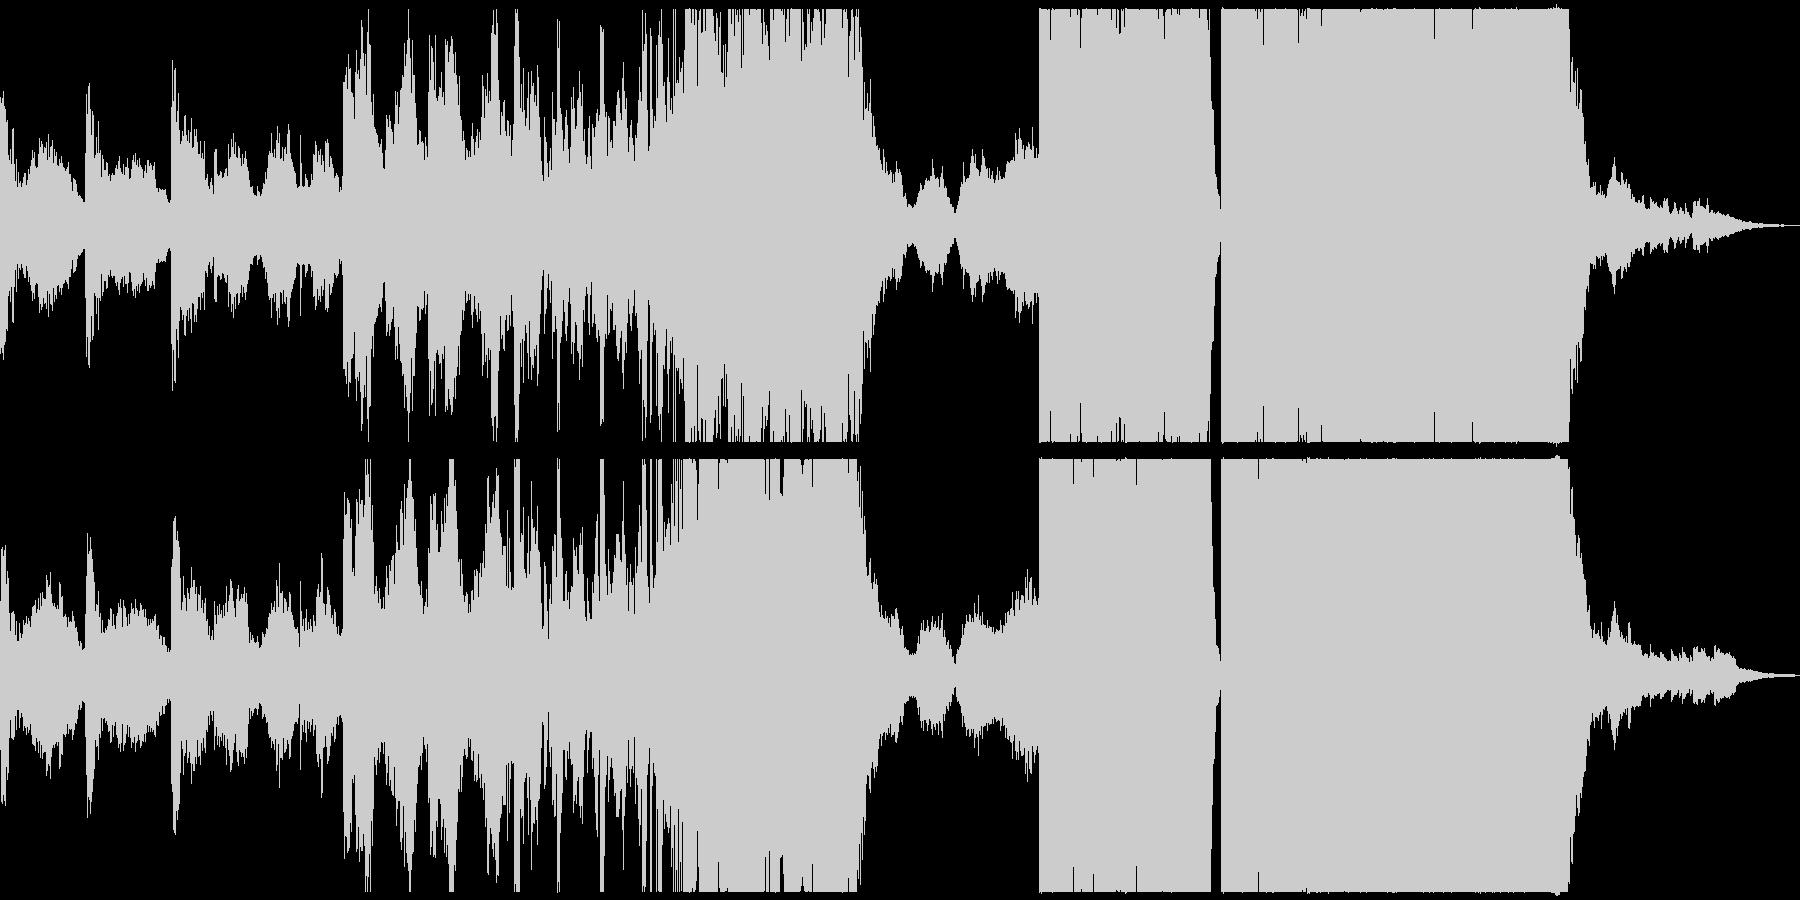 前衛交響曲 広い 壮大 ファンタジ...の未再生の波形